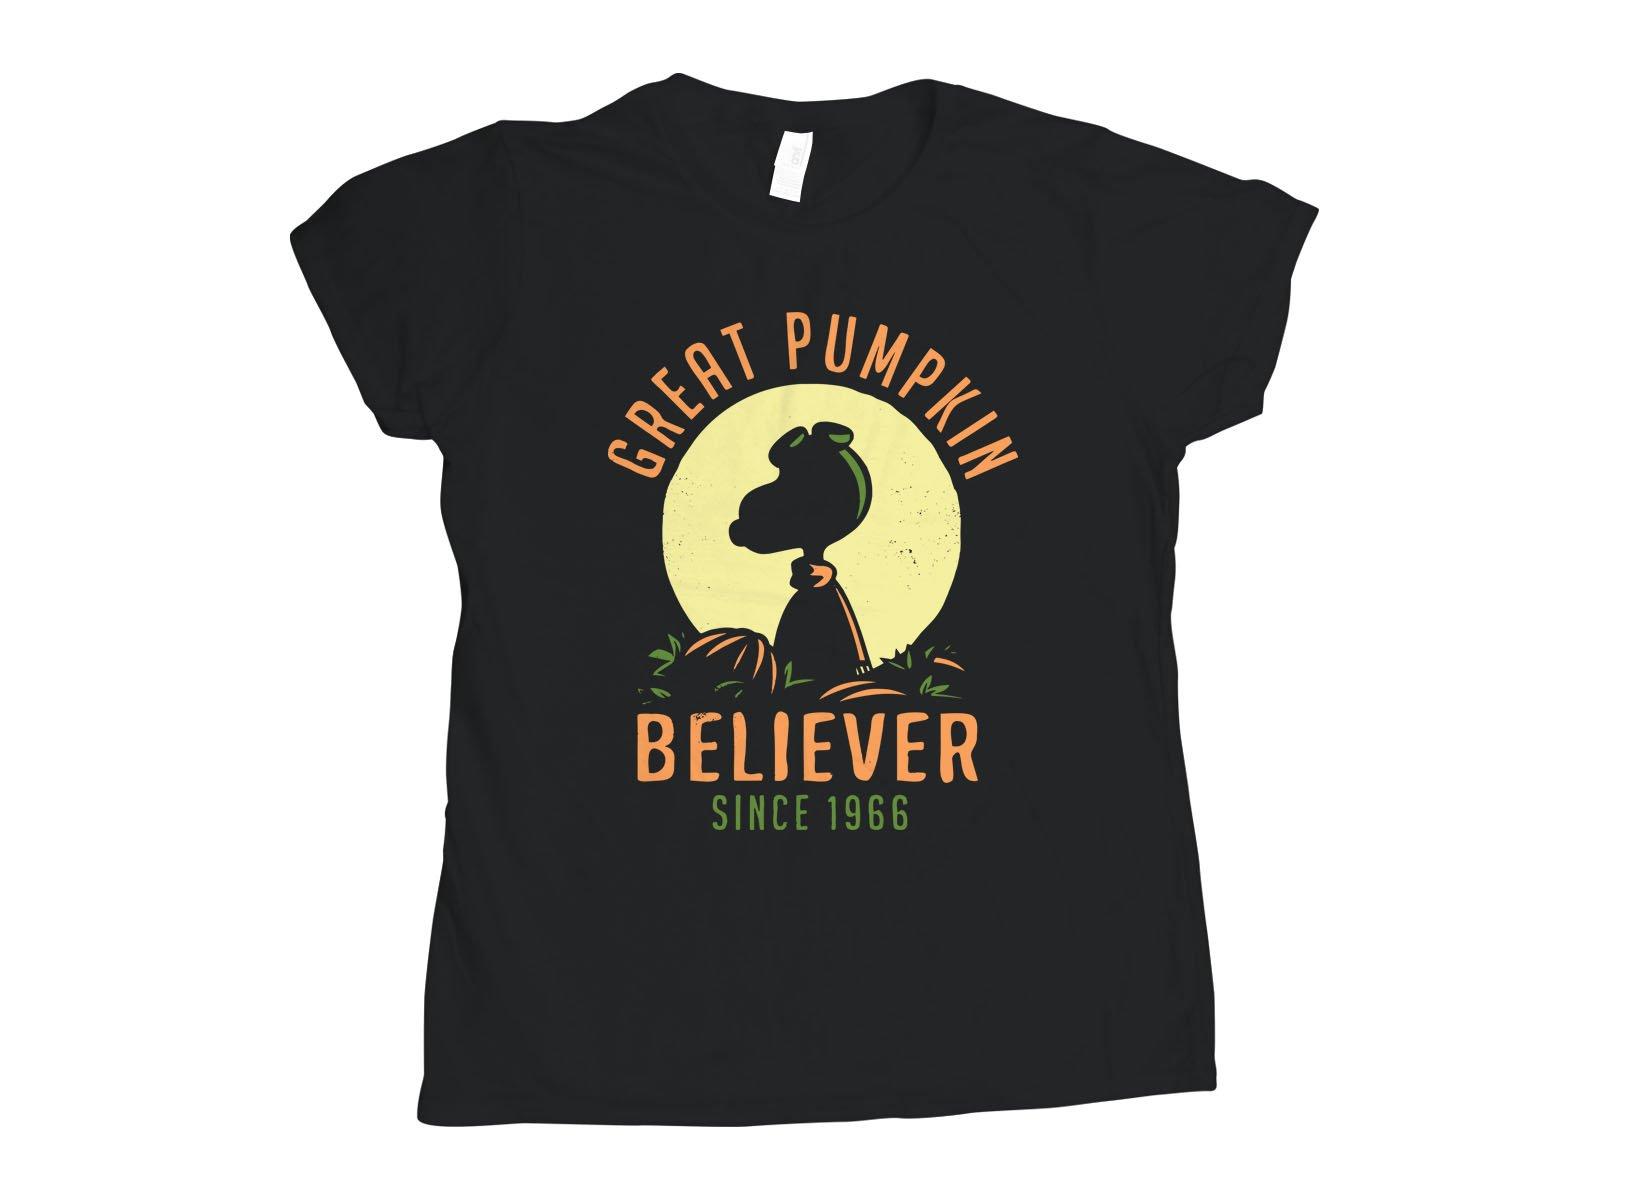 Great Pumpkin Believer on Womens T-Shirt